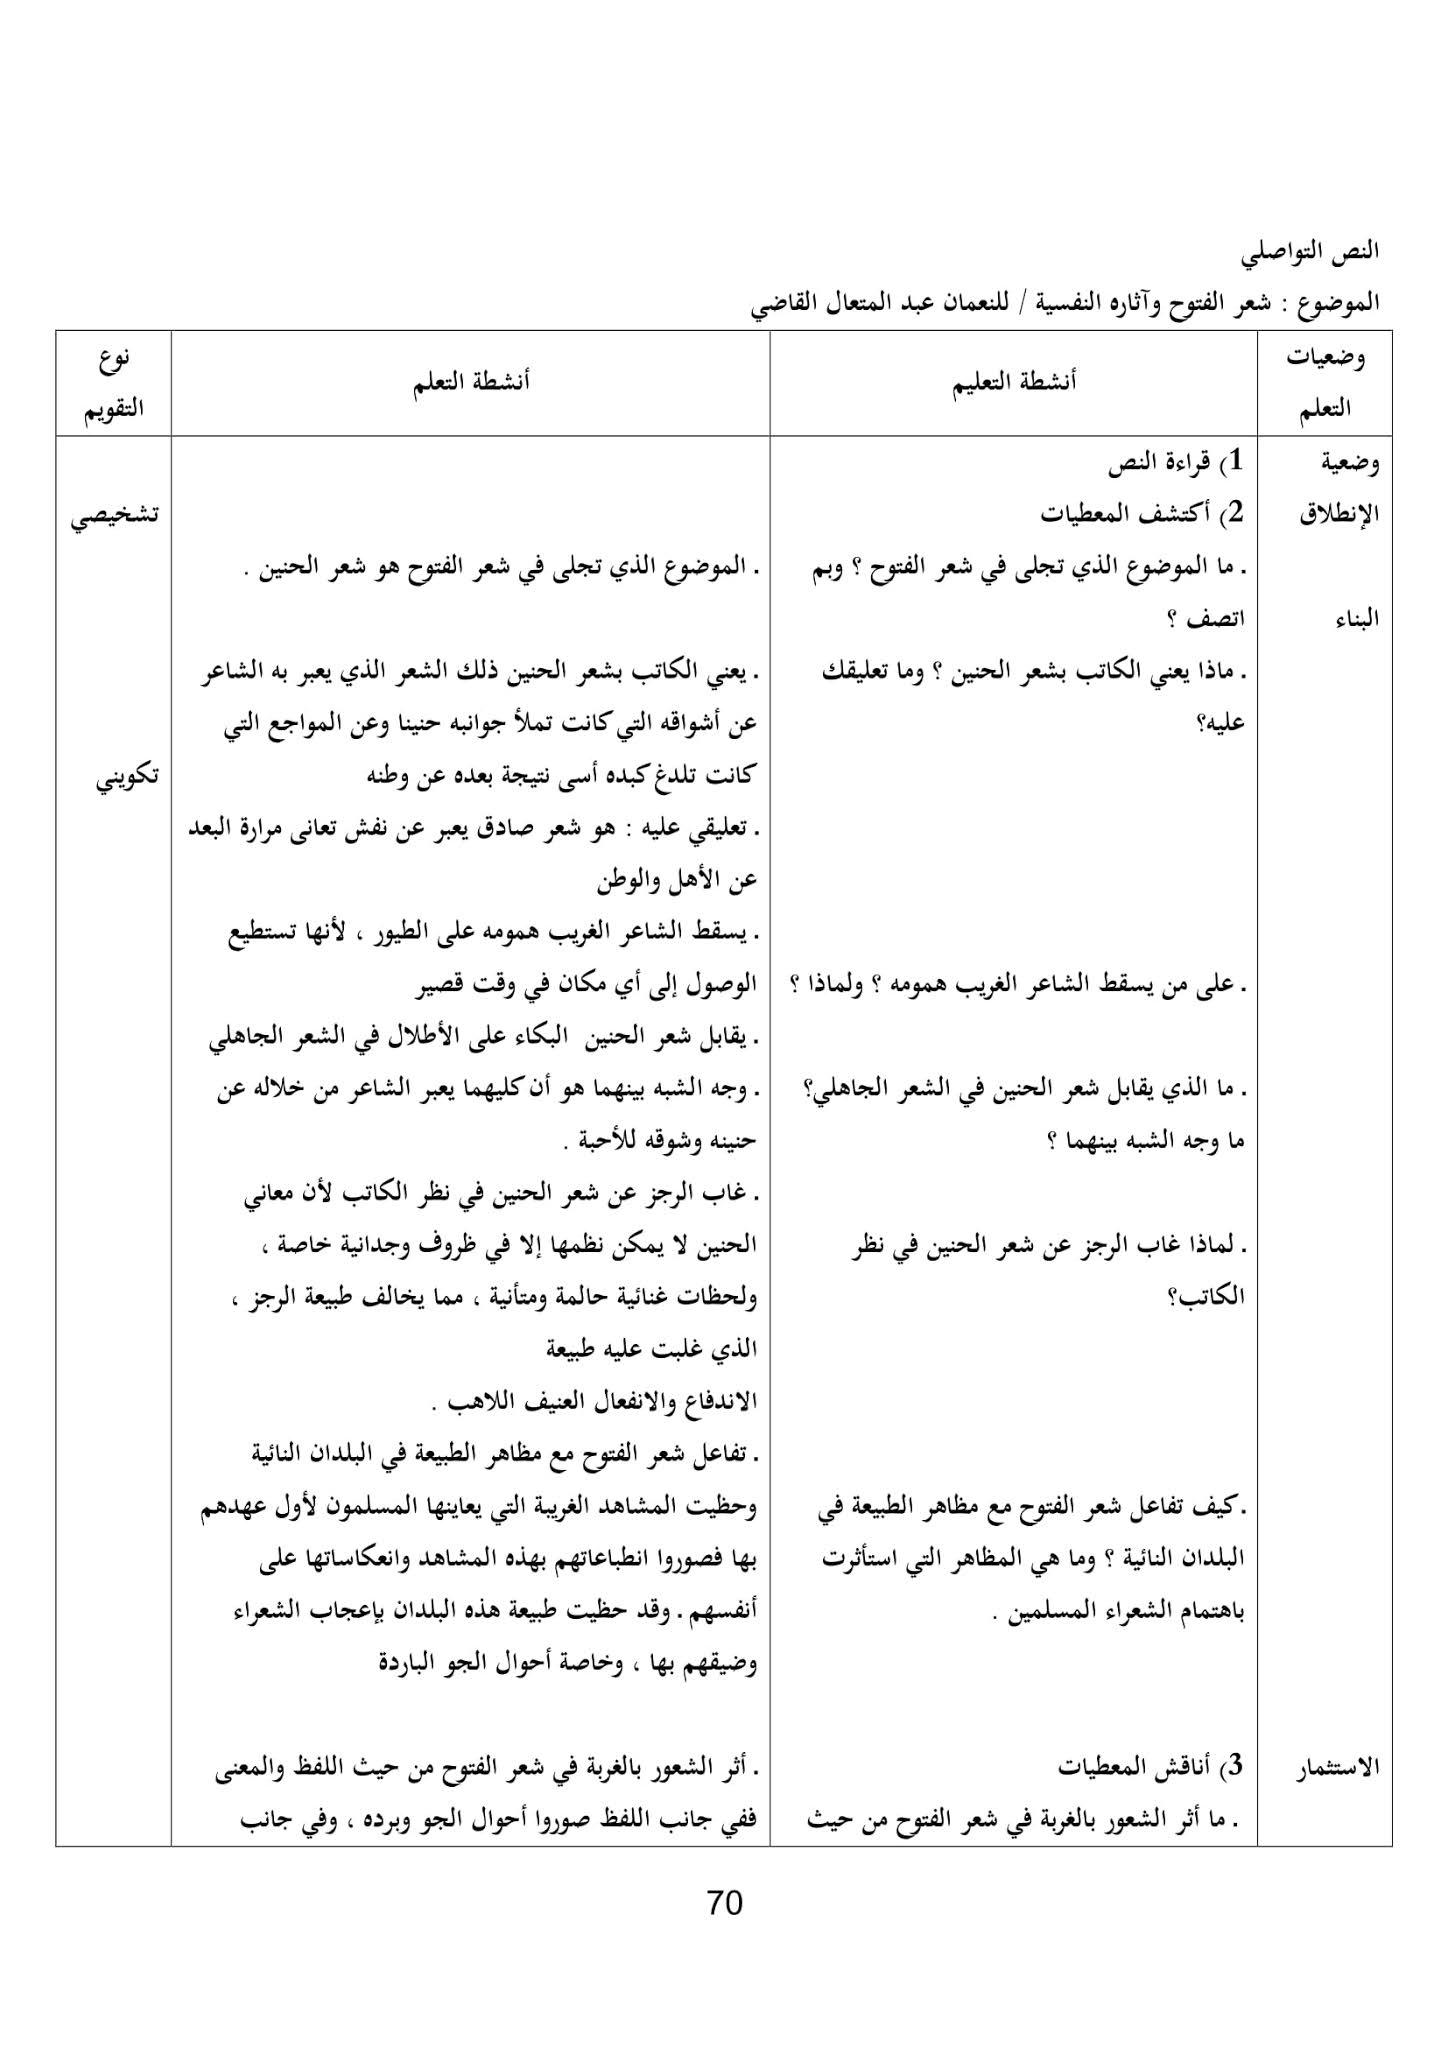 تحضير نص شعر الفتوح وآثاره النفسية 1 ثانوي علمي